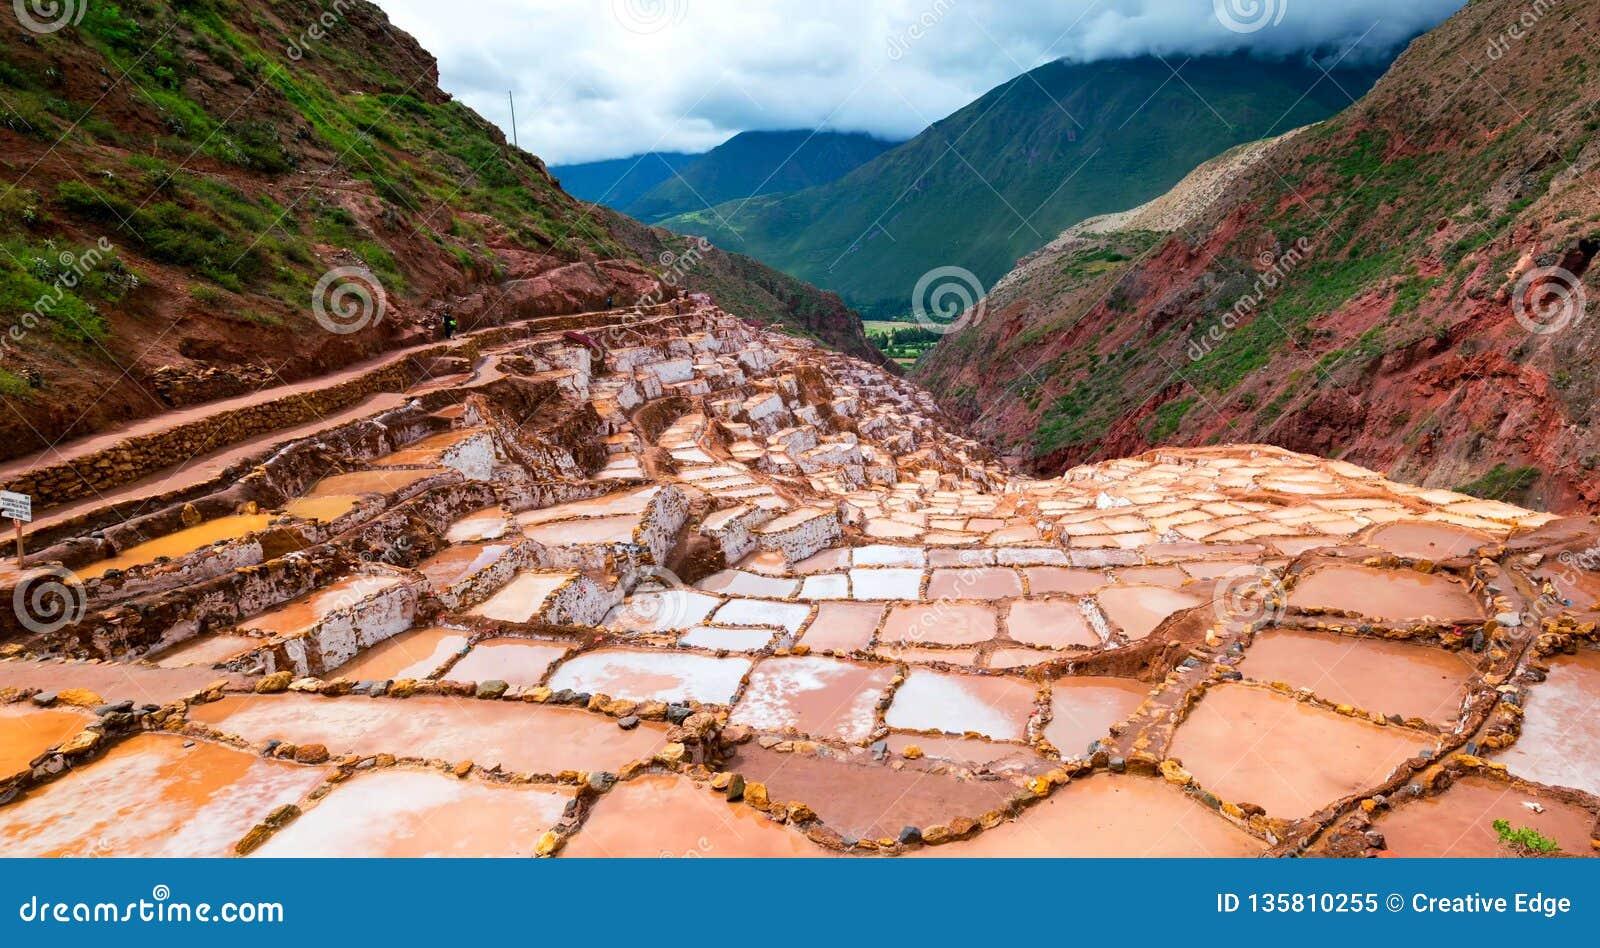 Imagen común del paisaje de Perú